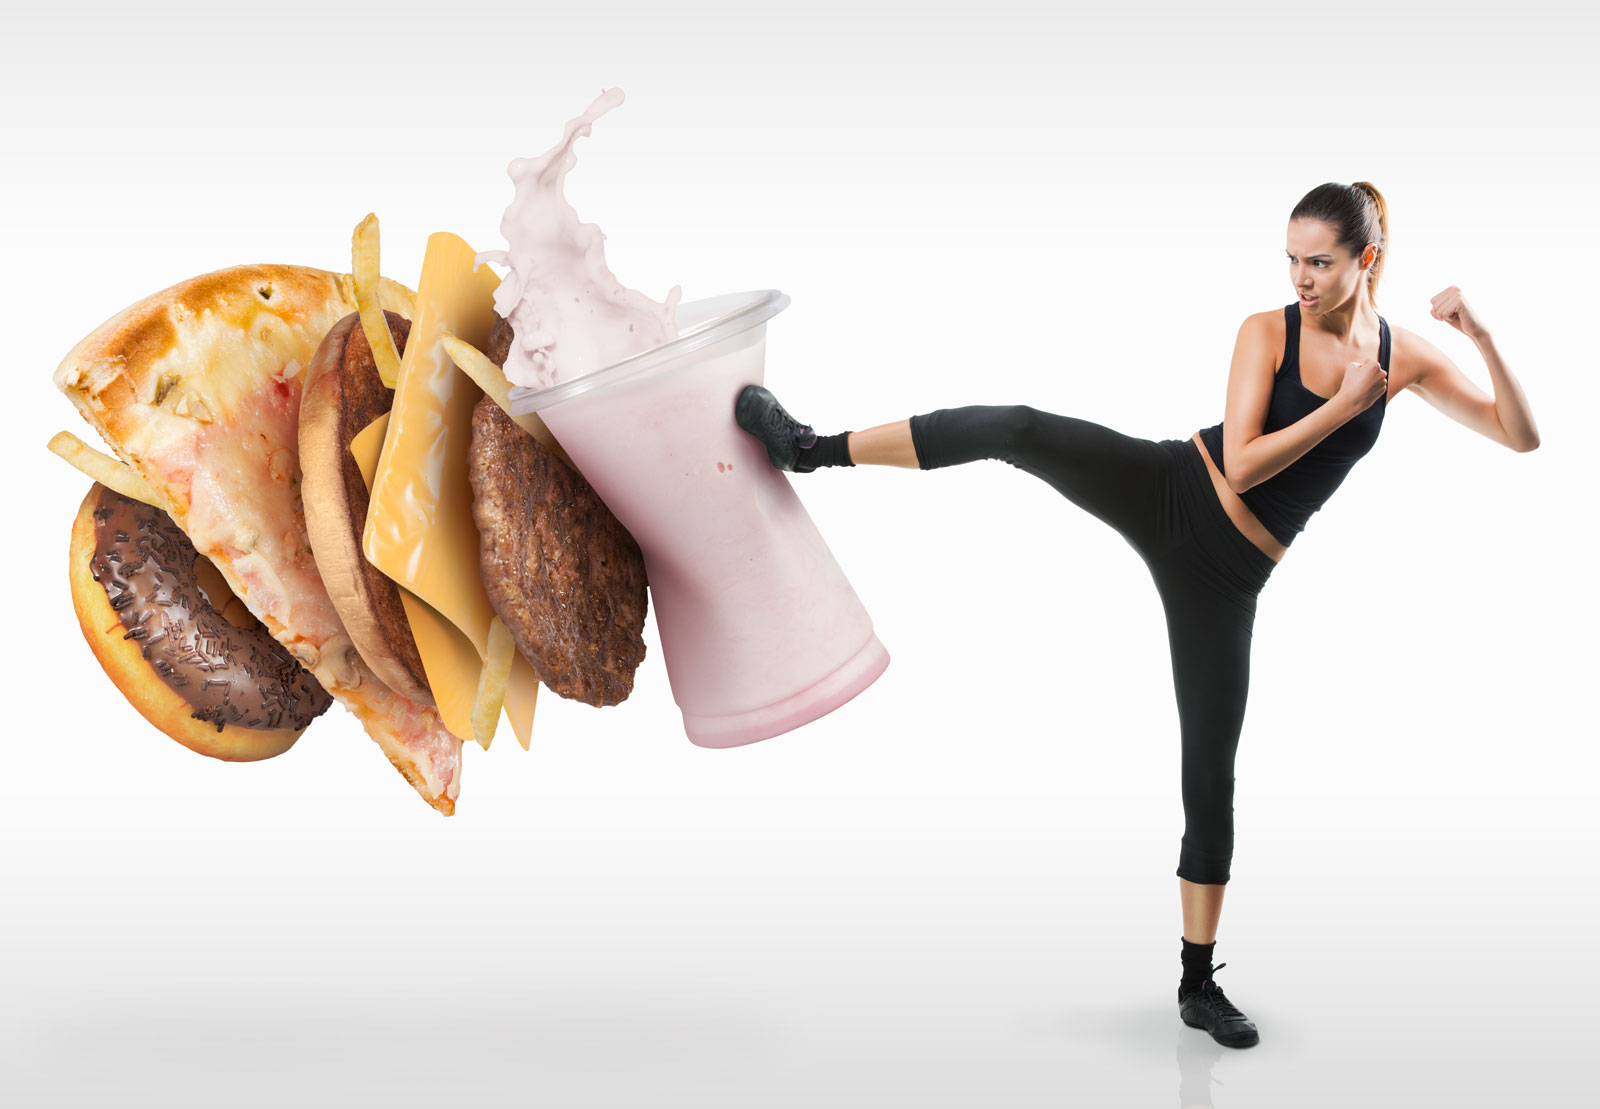 Ką daryti, jei reikia greitai numesti svorio? | krikstenudvaras.lt Gerti daug ir vis tiek numesti svorio